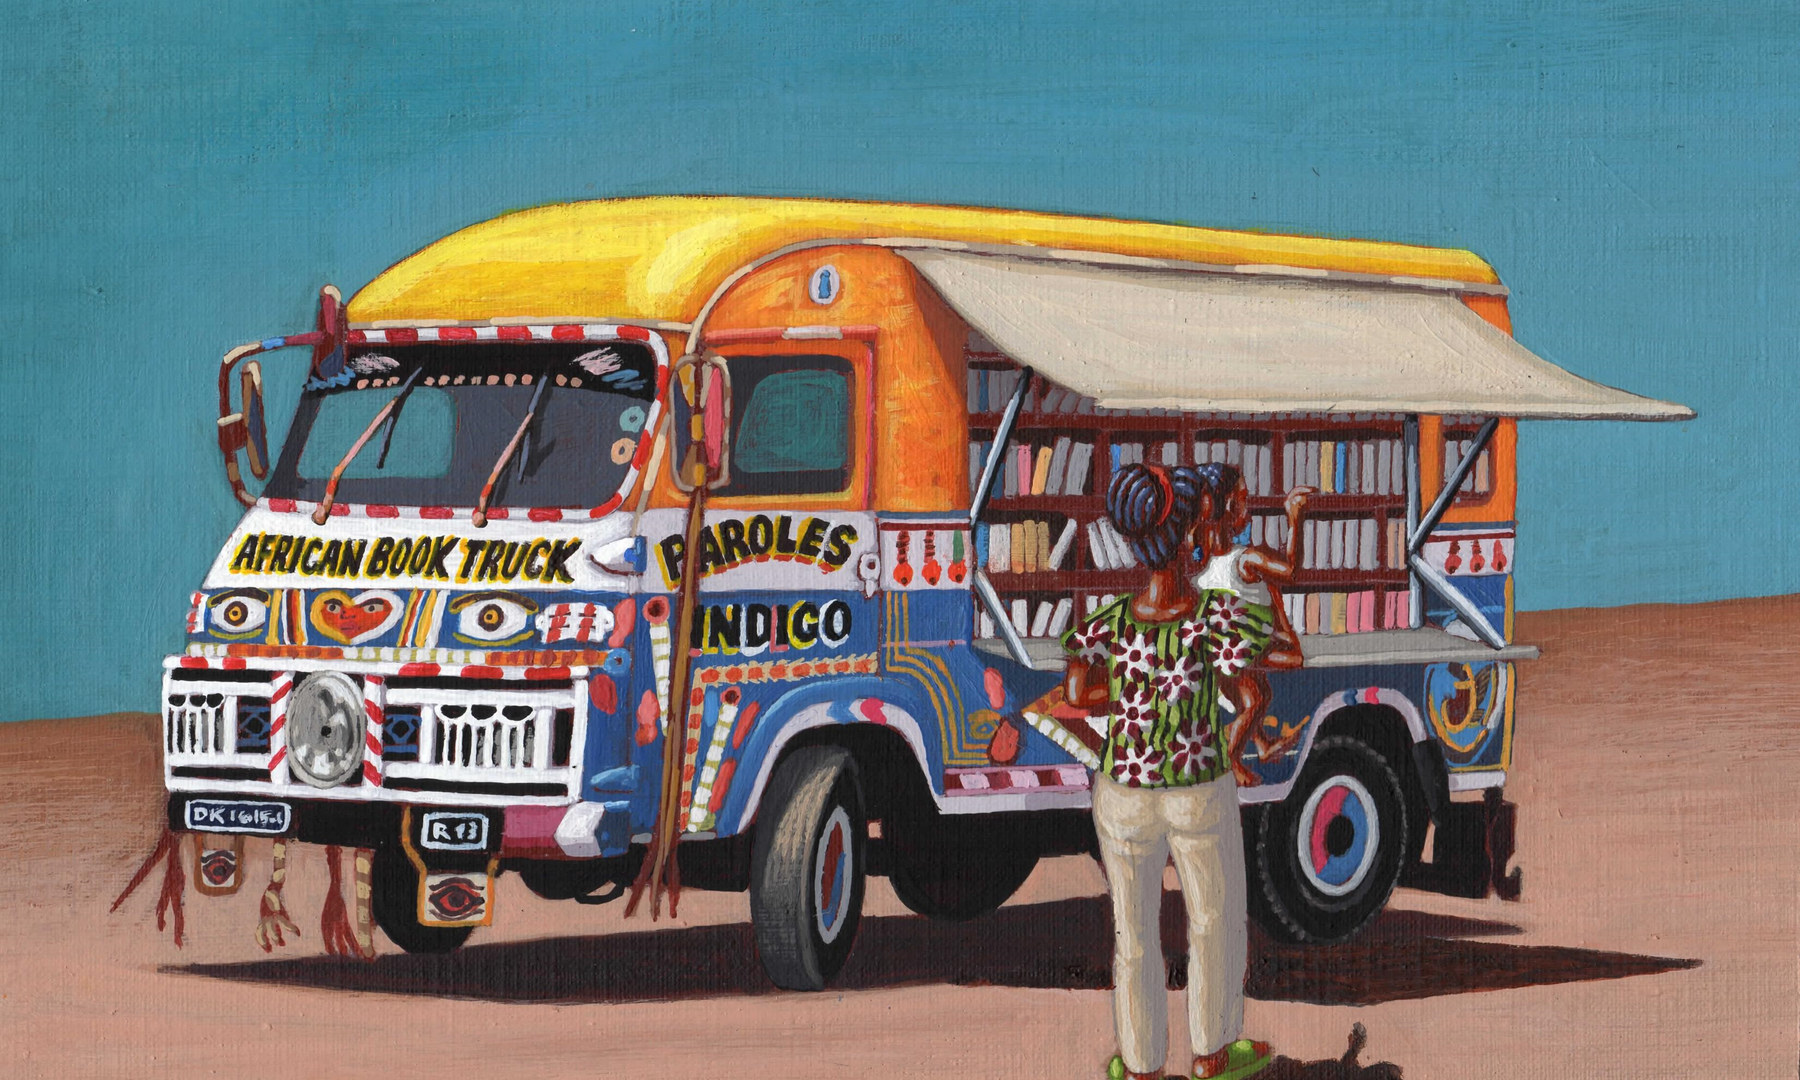 African Book Truck